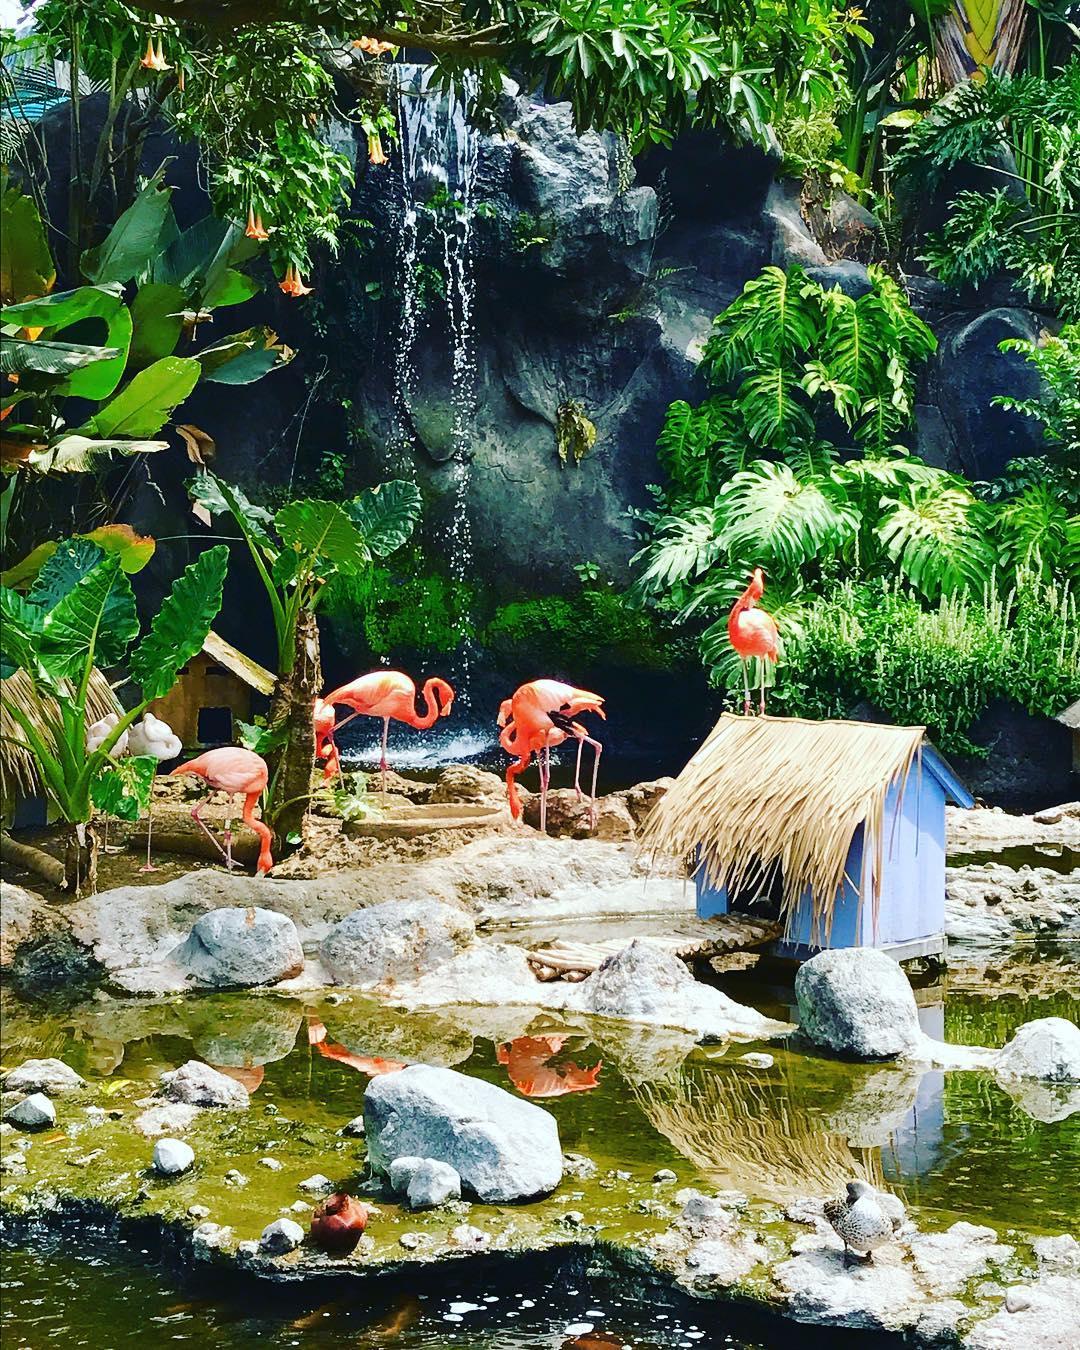 Batu Secret Zoo, Batu Secret Zoo Kota Batu, Malang Raya, Dolan Dolen, Dolaners Batu Secret Zoo via dna laras - Dolan Dolen